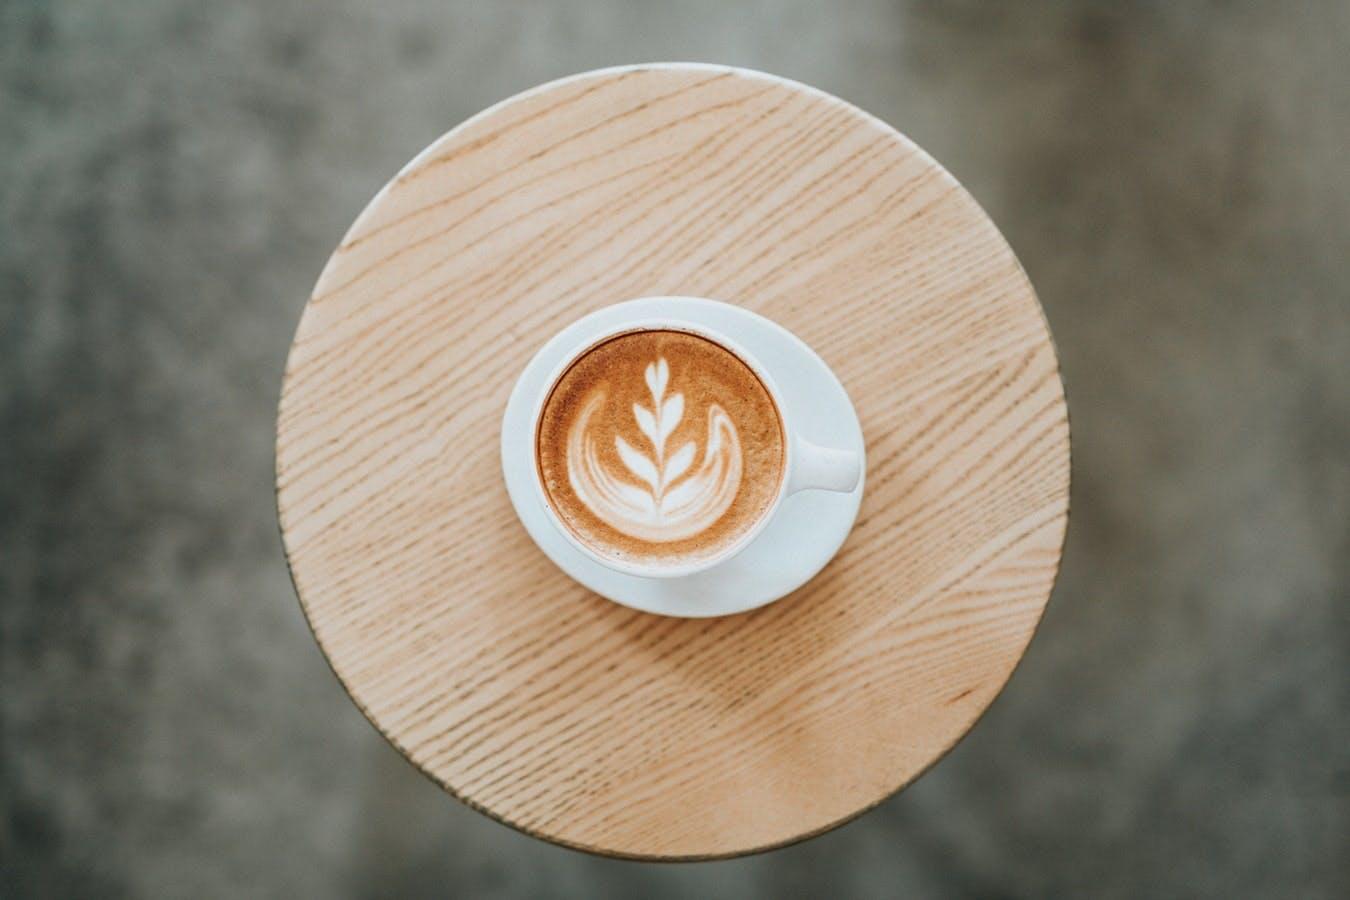 kaffe kop hvid latte